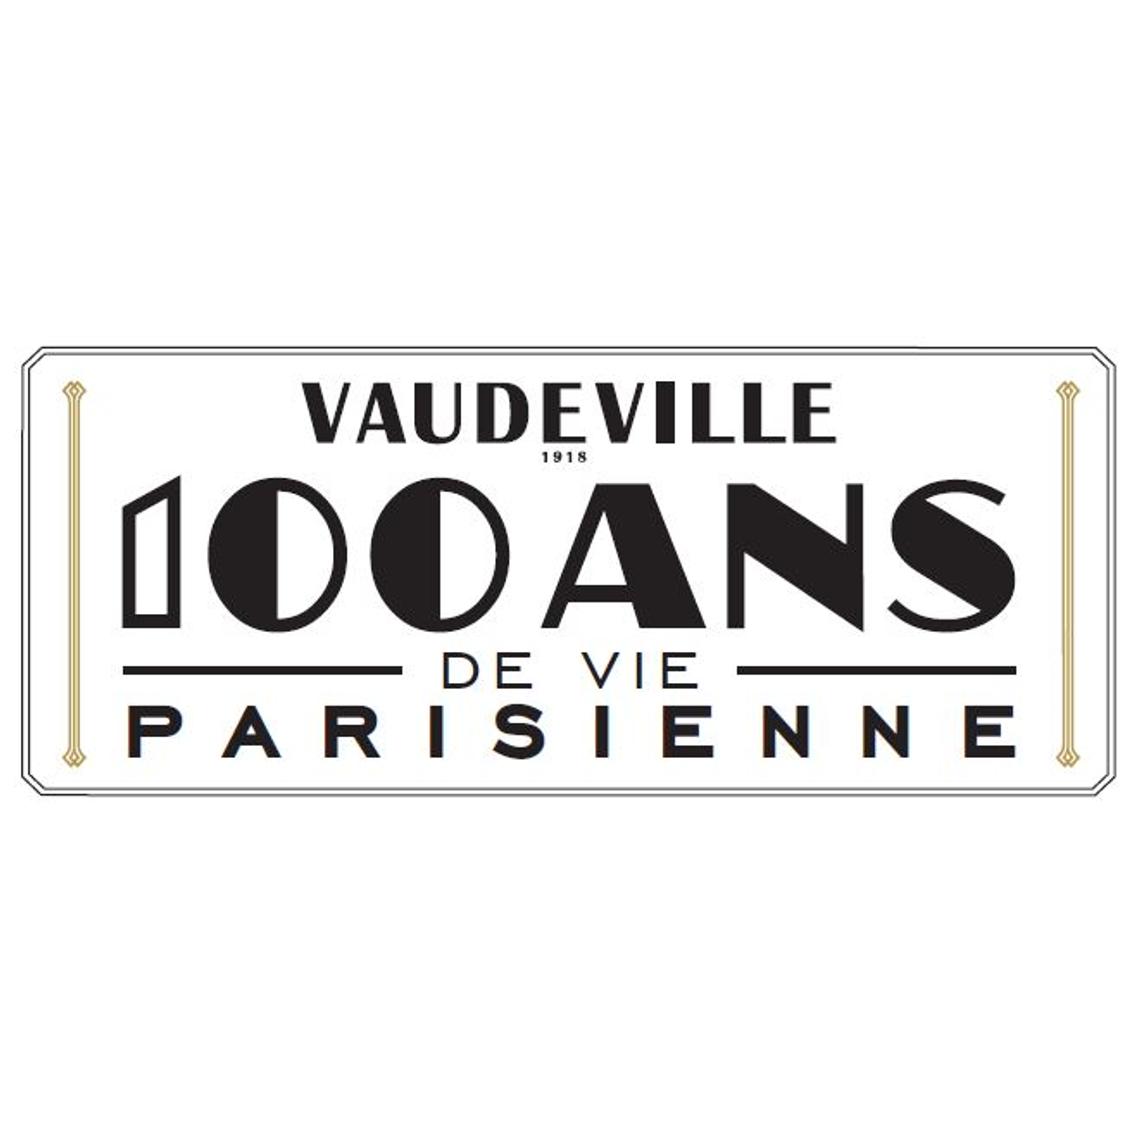 Le Vaudeville fête ses 100 ans